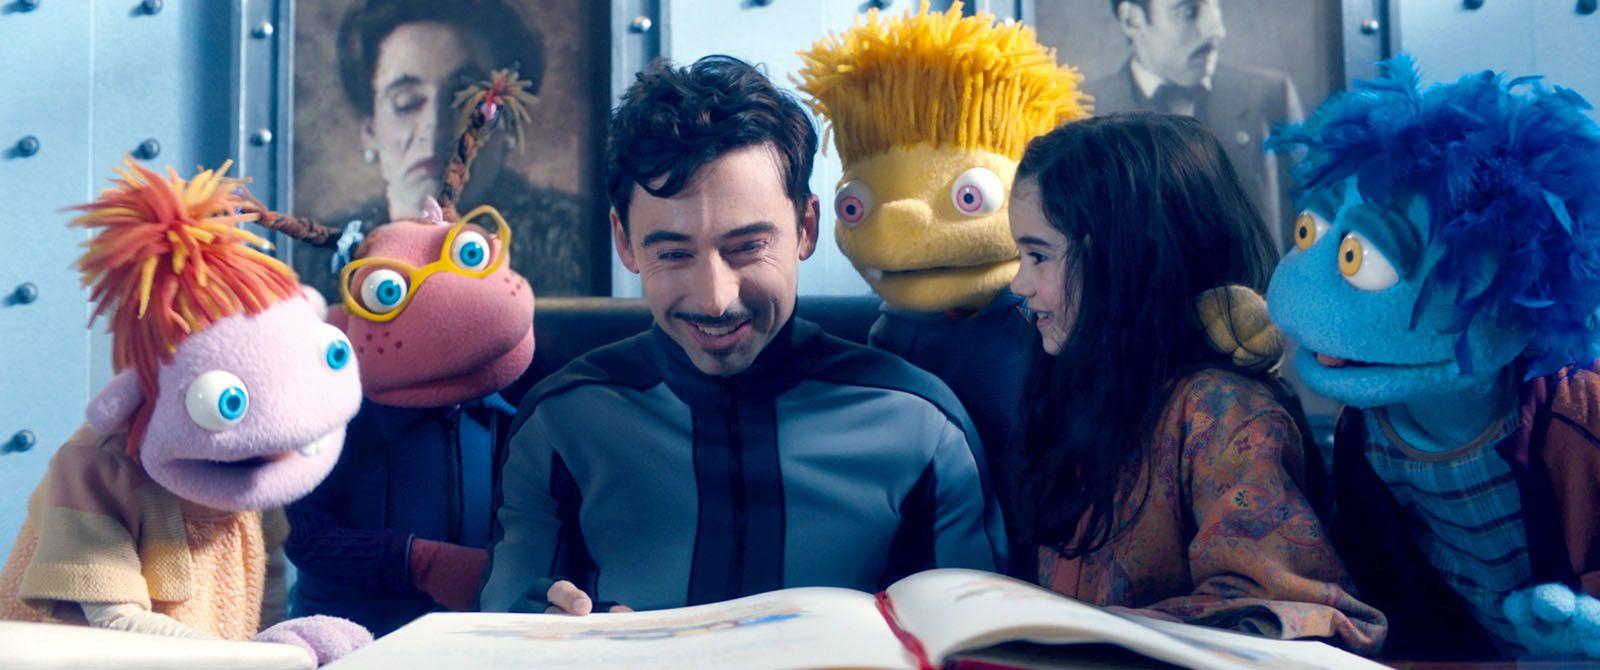 Les Lunnis et leurs aventures magiques (BANDE-ANNONCE) de Juan Pablo Buscarini - Actuellement en VOD